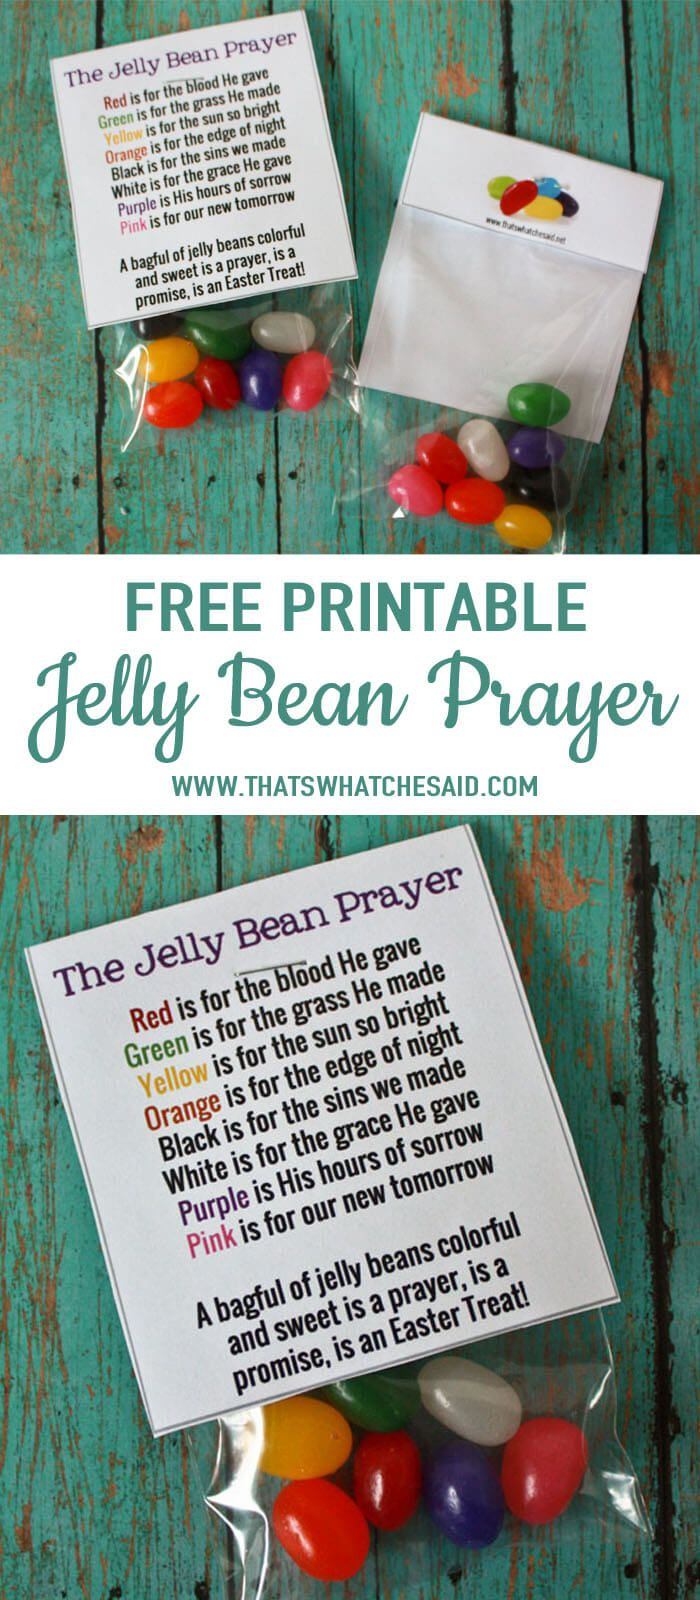 Free Jelly Bean Prayer Printable Treat Topper | Easter | Pinterest - Free Printable Easter Sermons